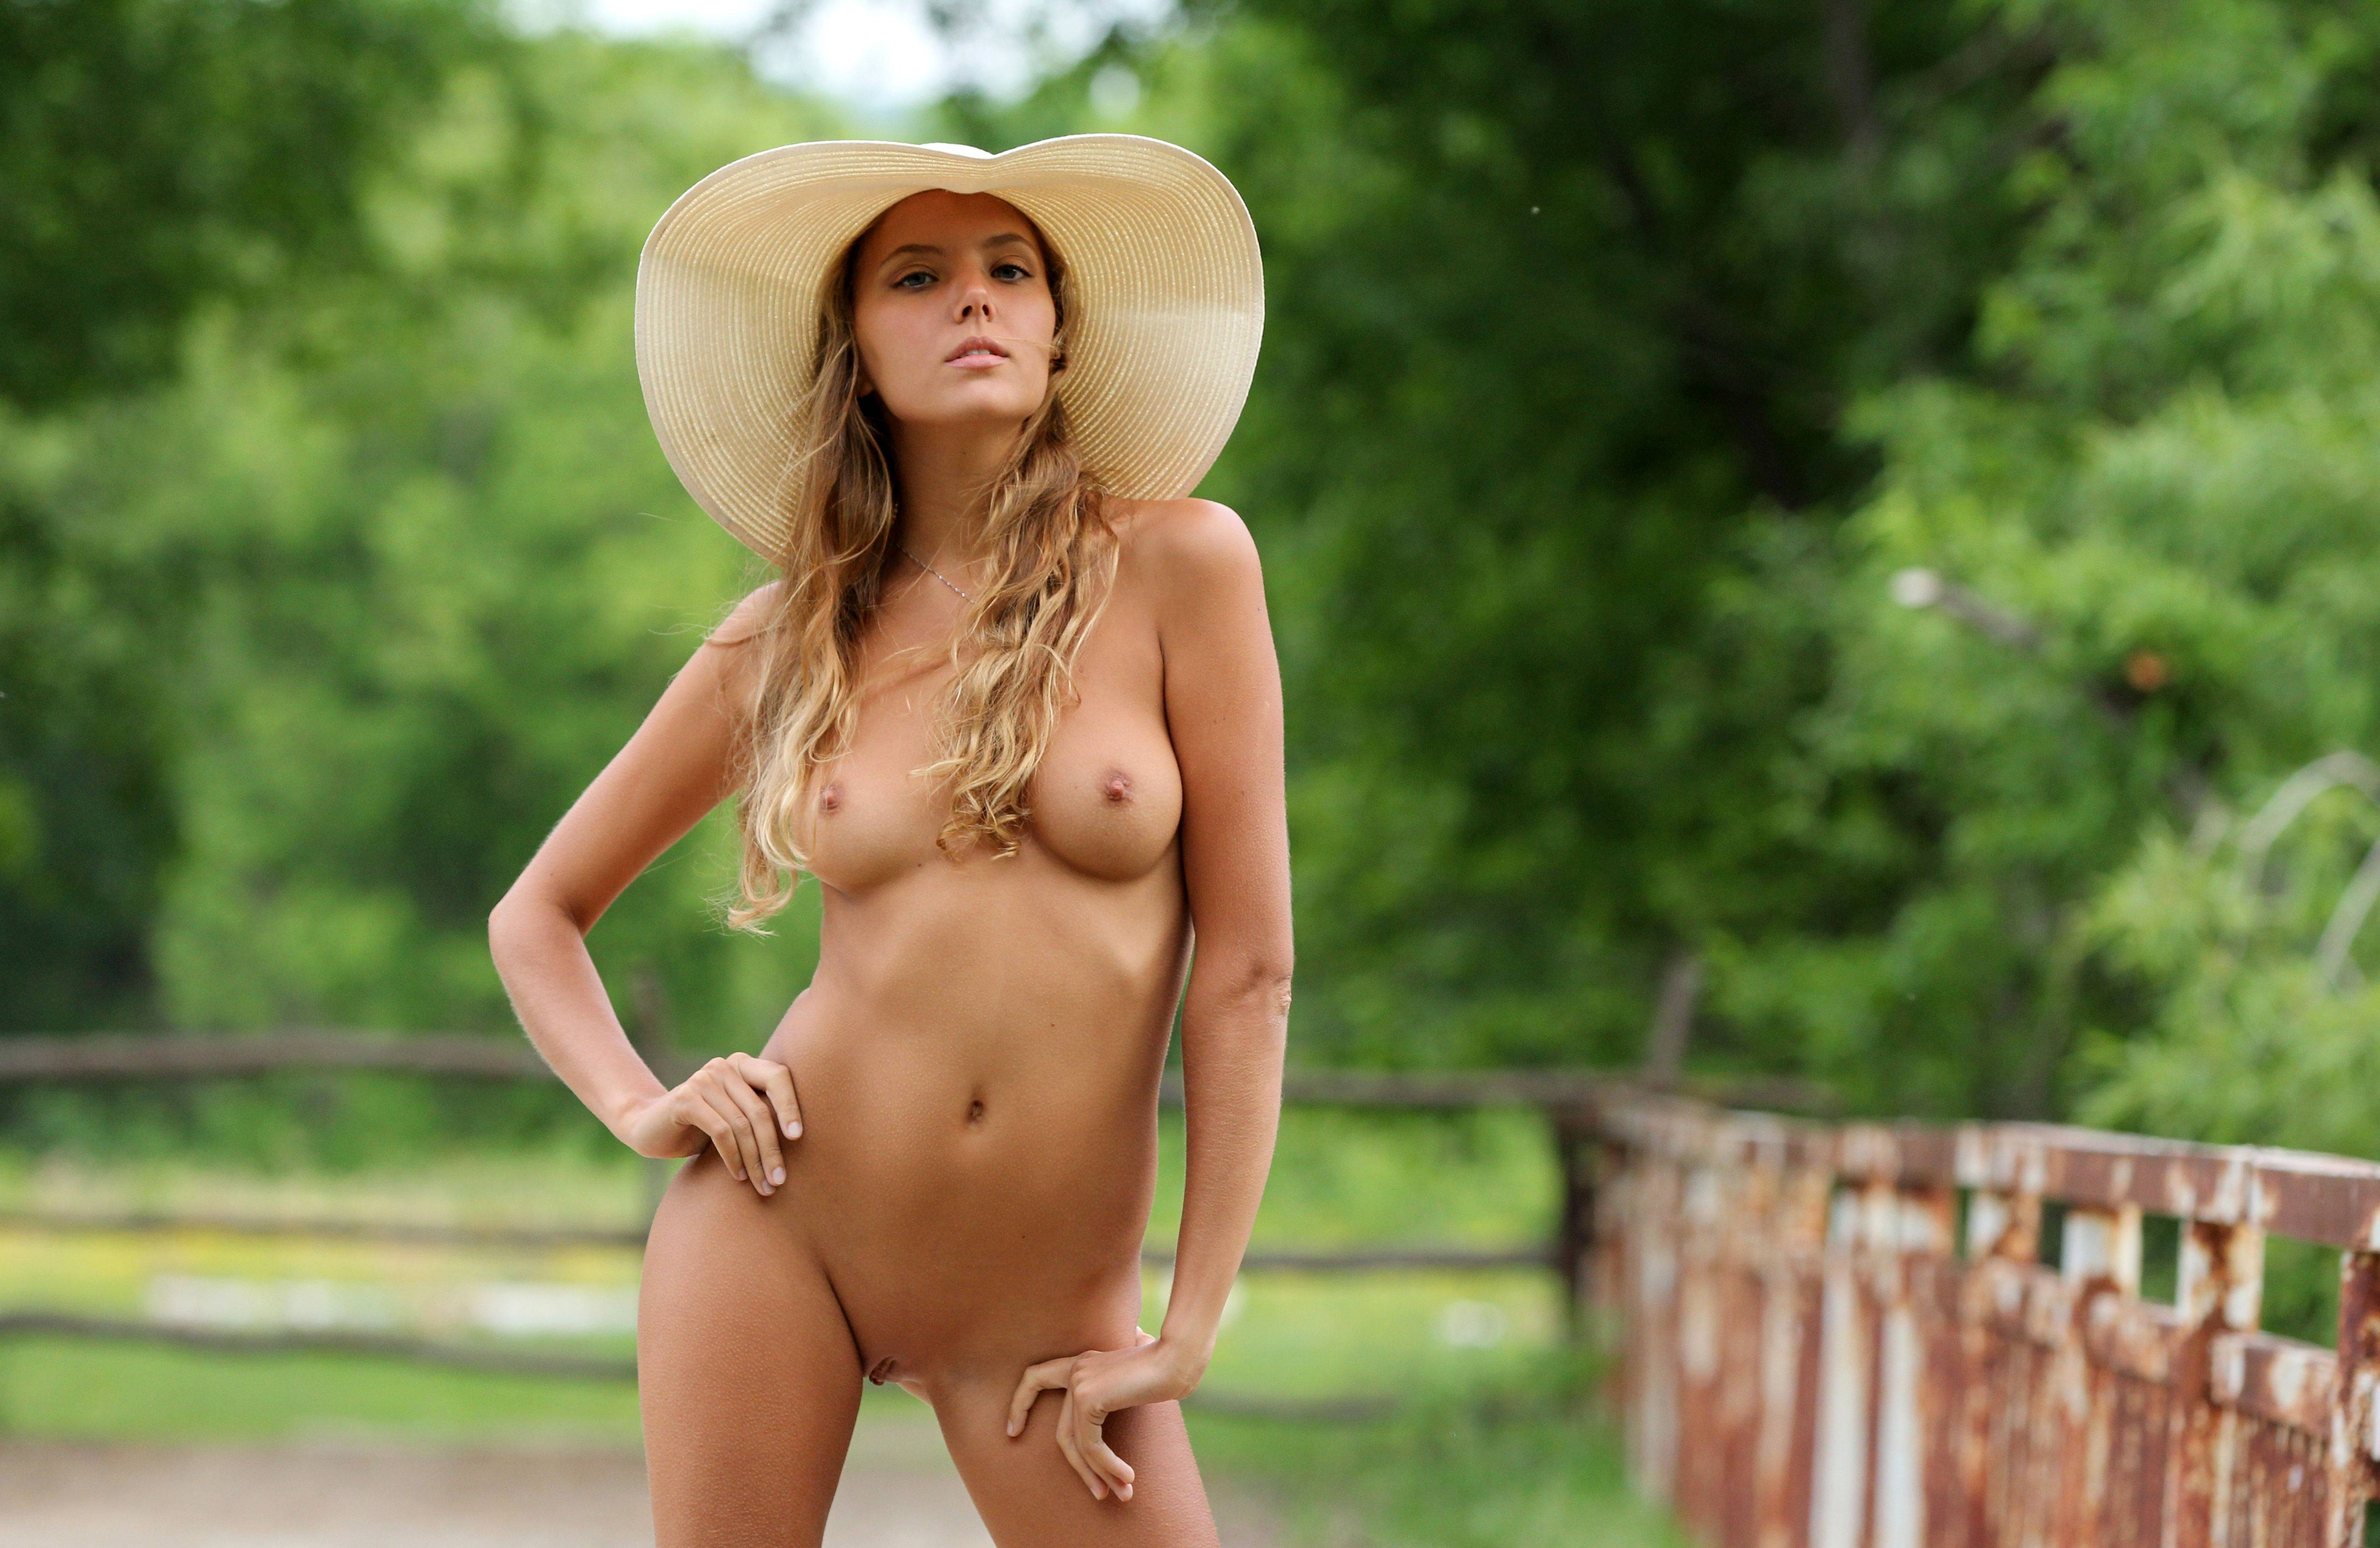 Фото Обнаженная молоденькая красотка в соломенной шляпке, забор, поле, скачать картинку бесплатно